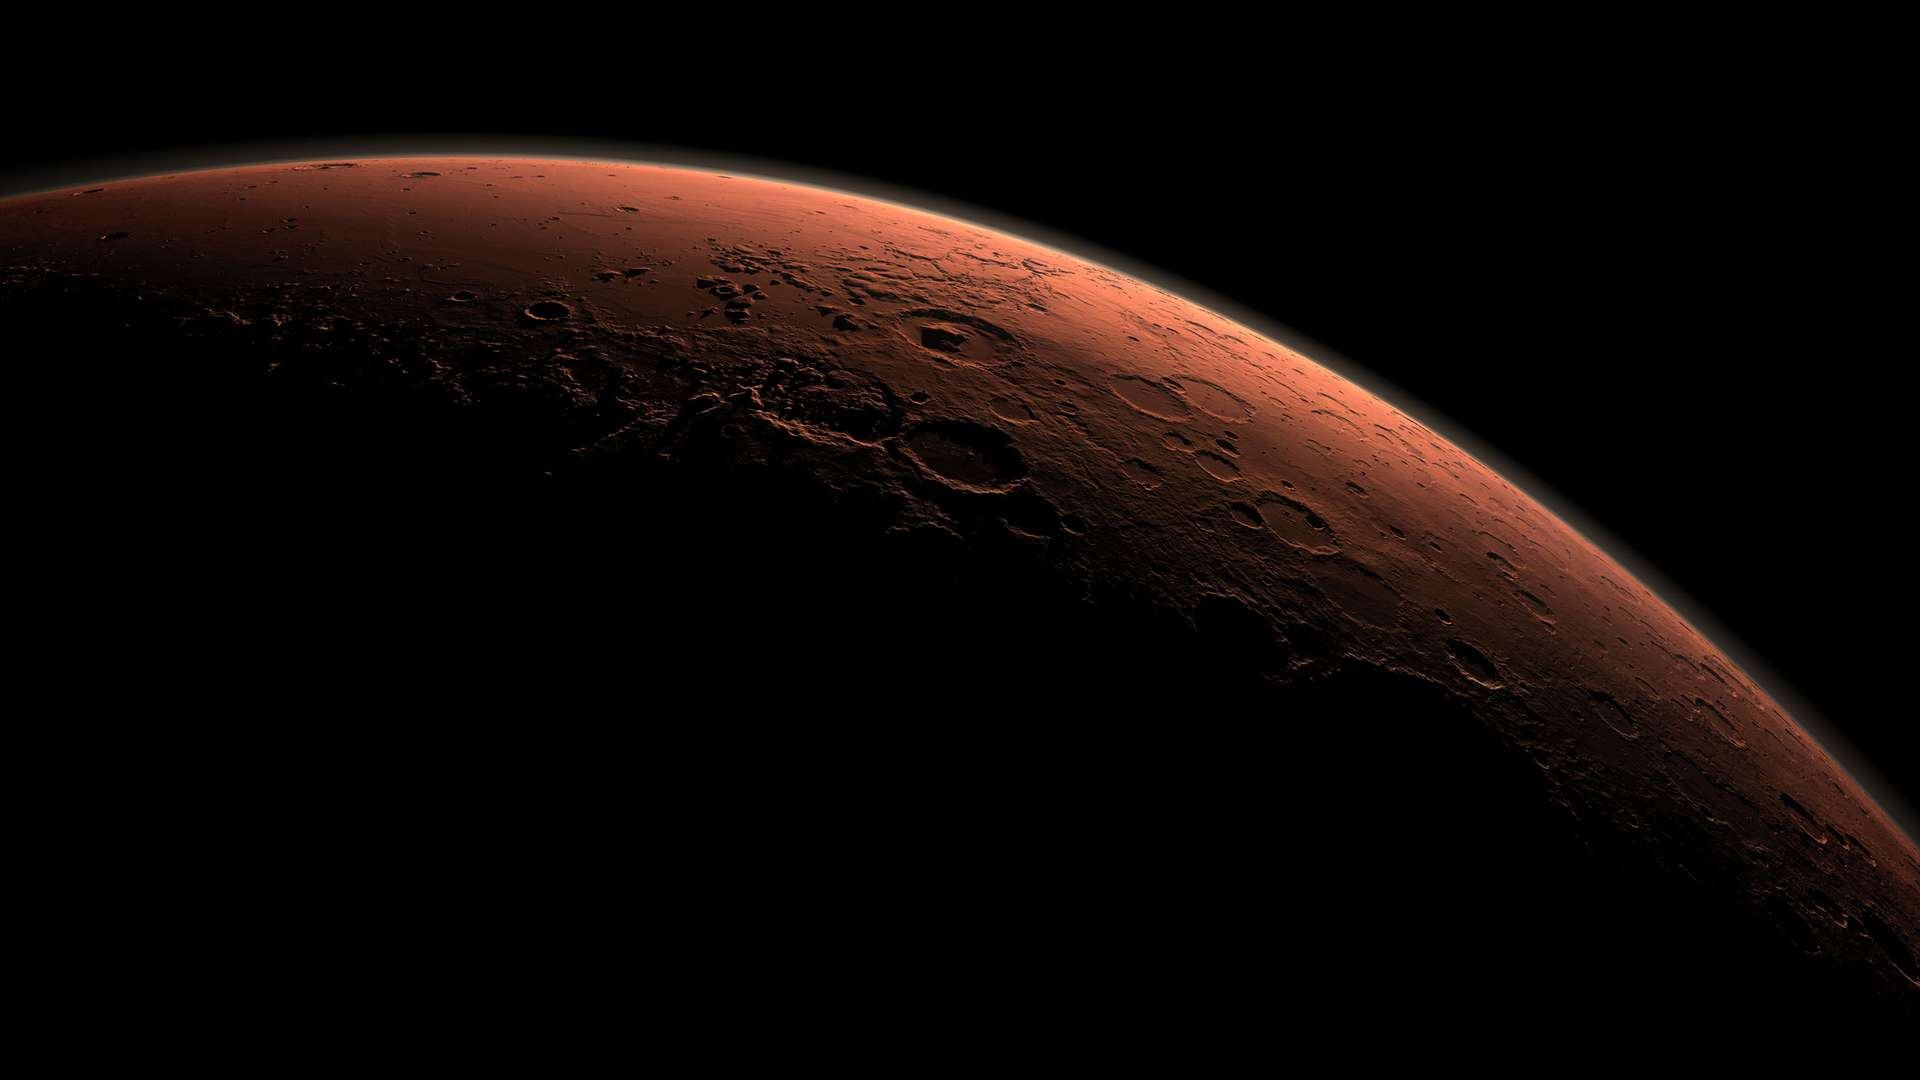 Mars appelle la Terre. Un concours offre à tout un chacun l'opportunité de faire entendre sa voix sur la Planète rouge. Le message audio, si sélectionné, partira pour Mars mi-2020 avec la mission ExoMars 2020, portée par l'Agence spatiale européenne (ESA) en coopération avec l'agence spatiale russe Roscomos. Atterrissage prévu en 2021. © Nasa